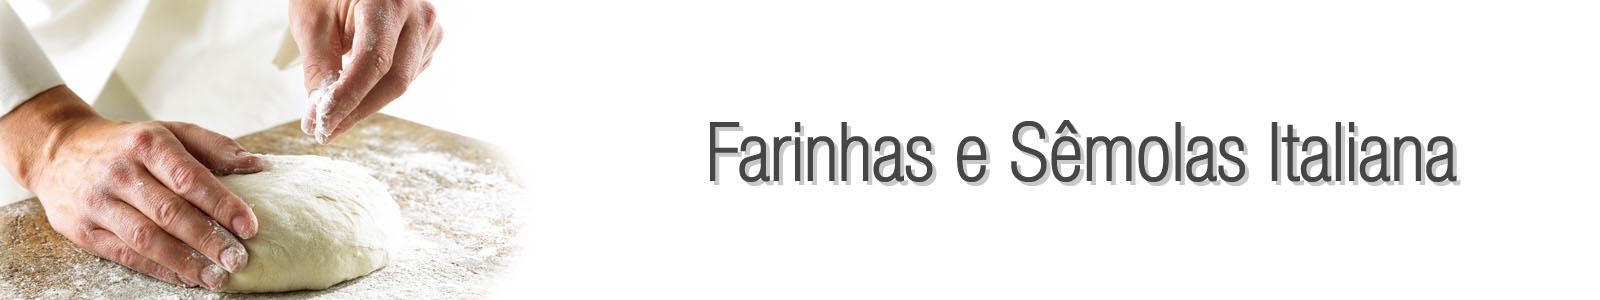 testata_farina